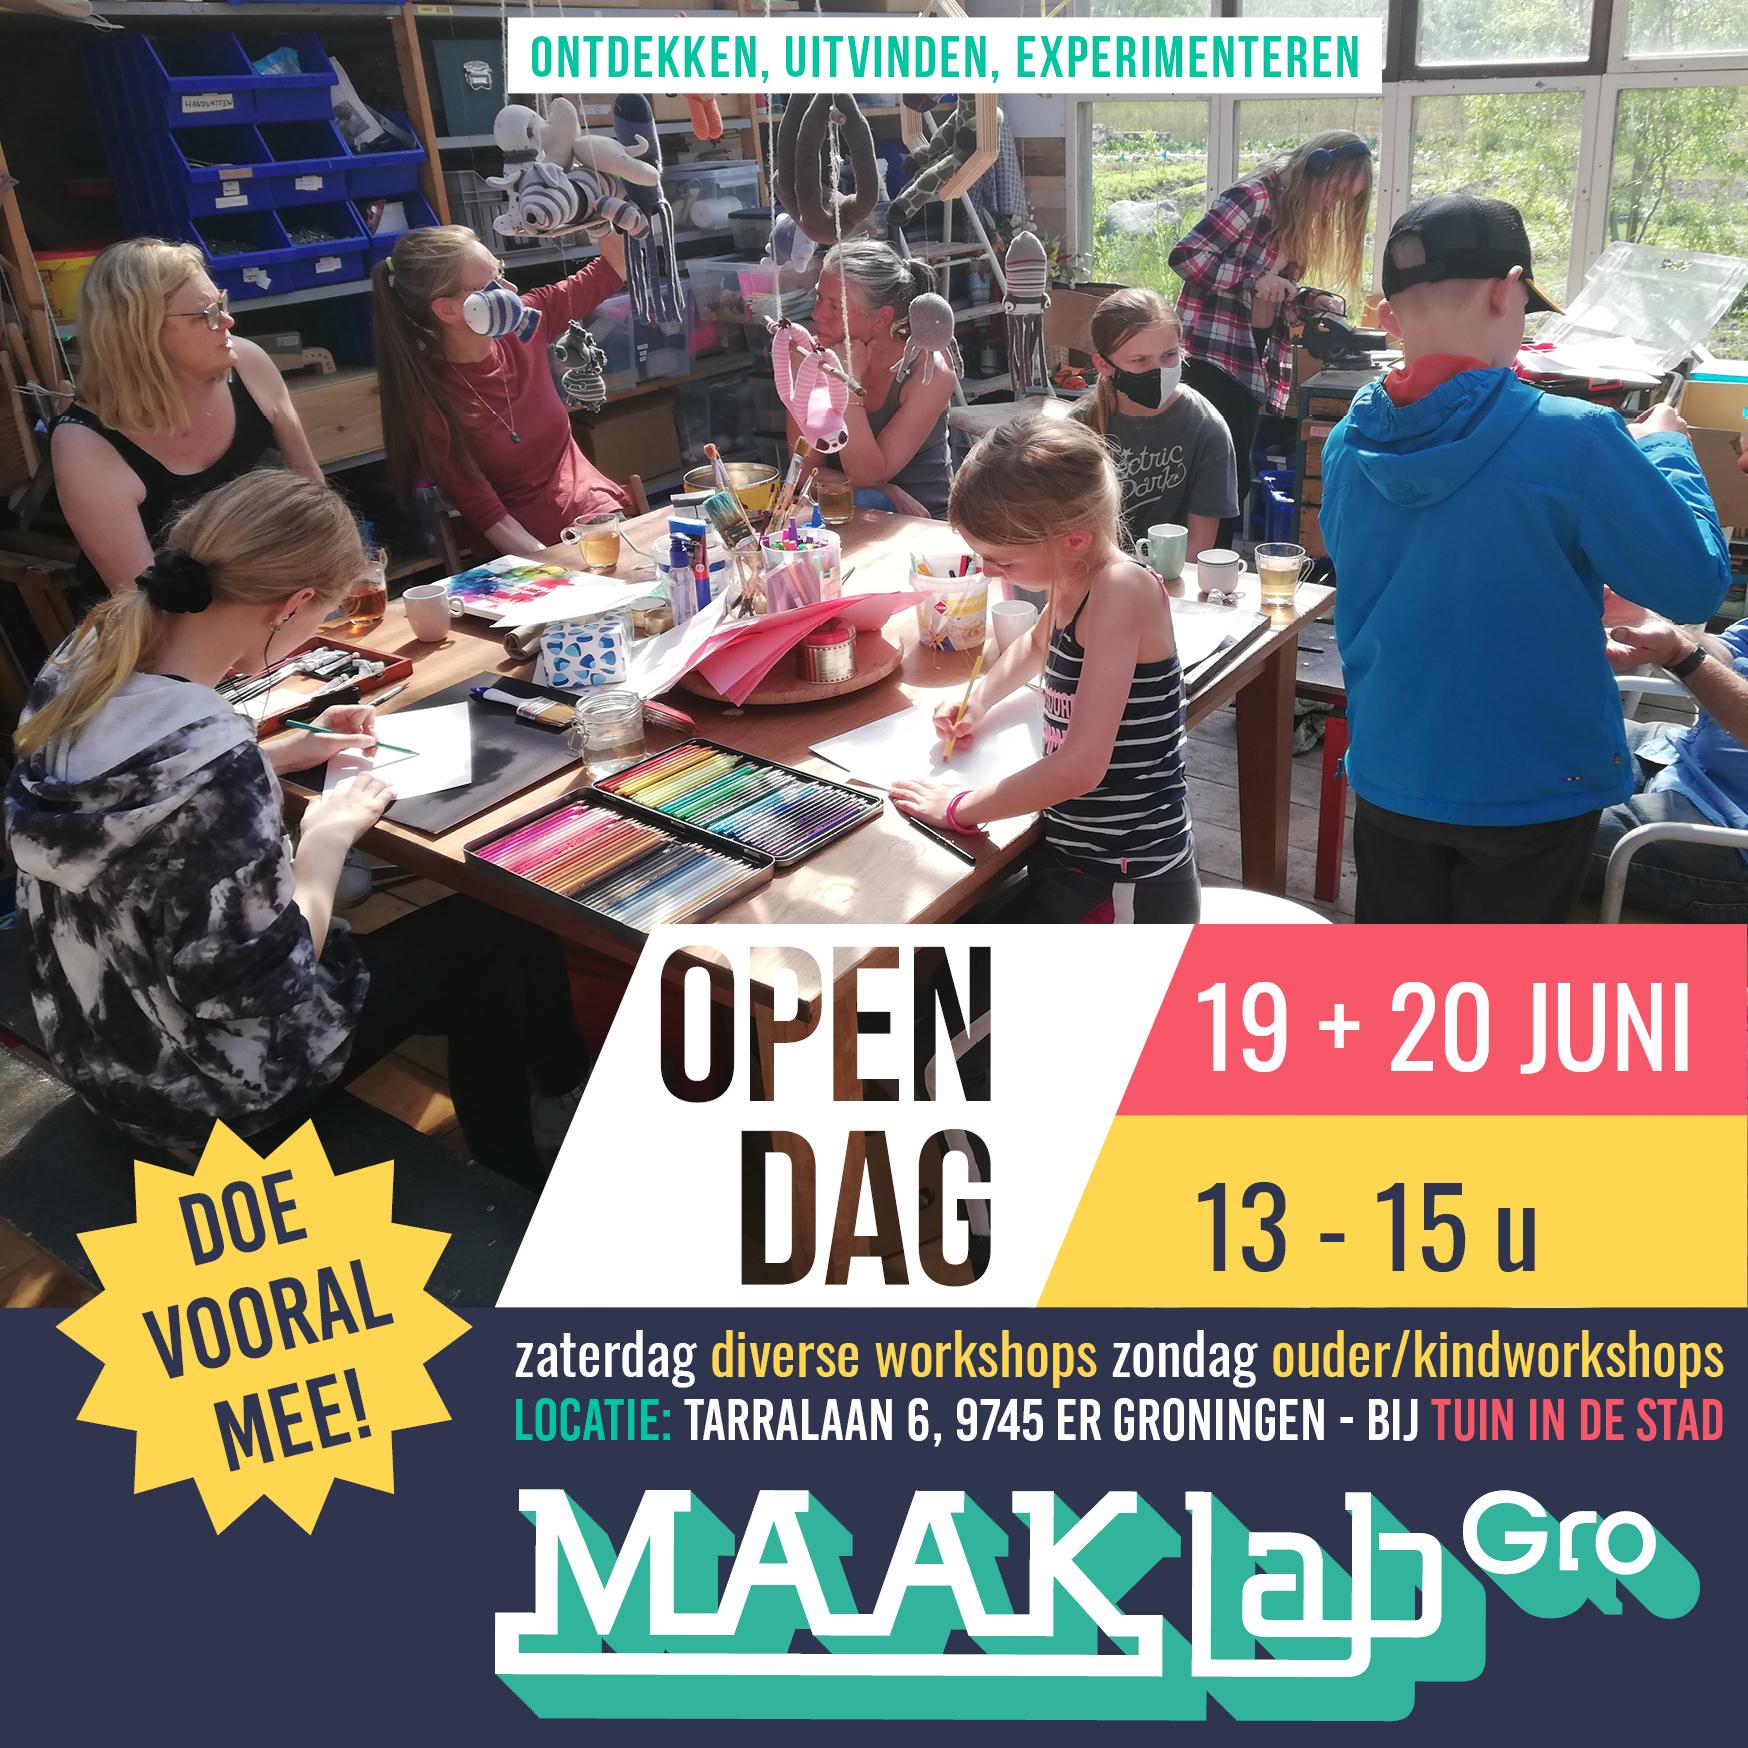 Open Dag MaaklabGro